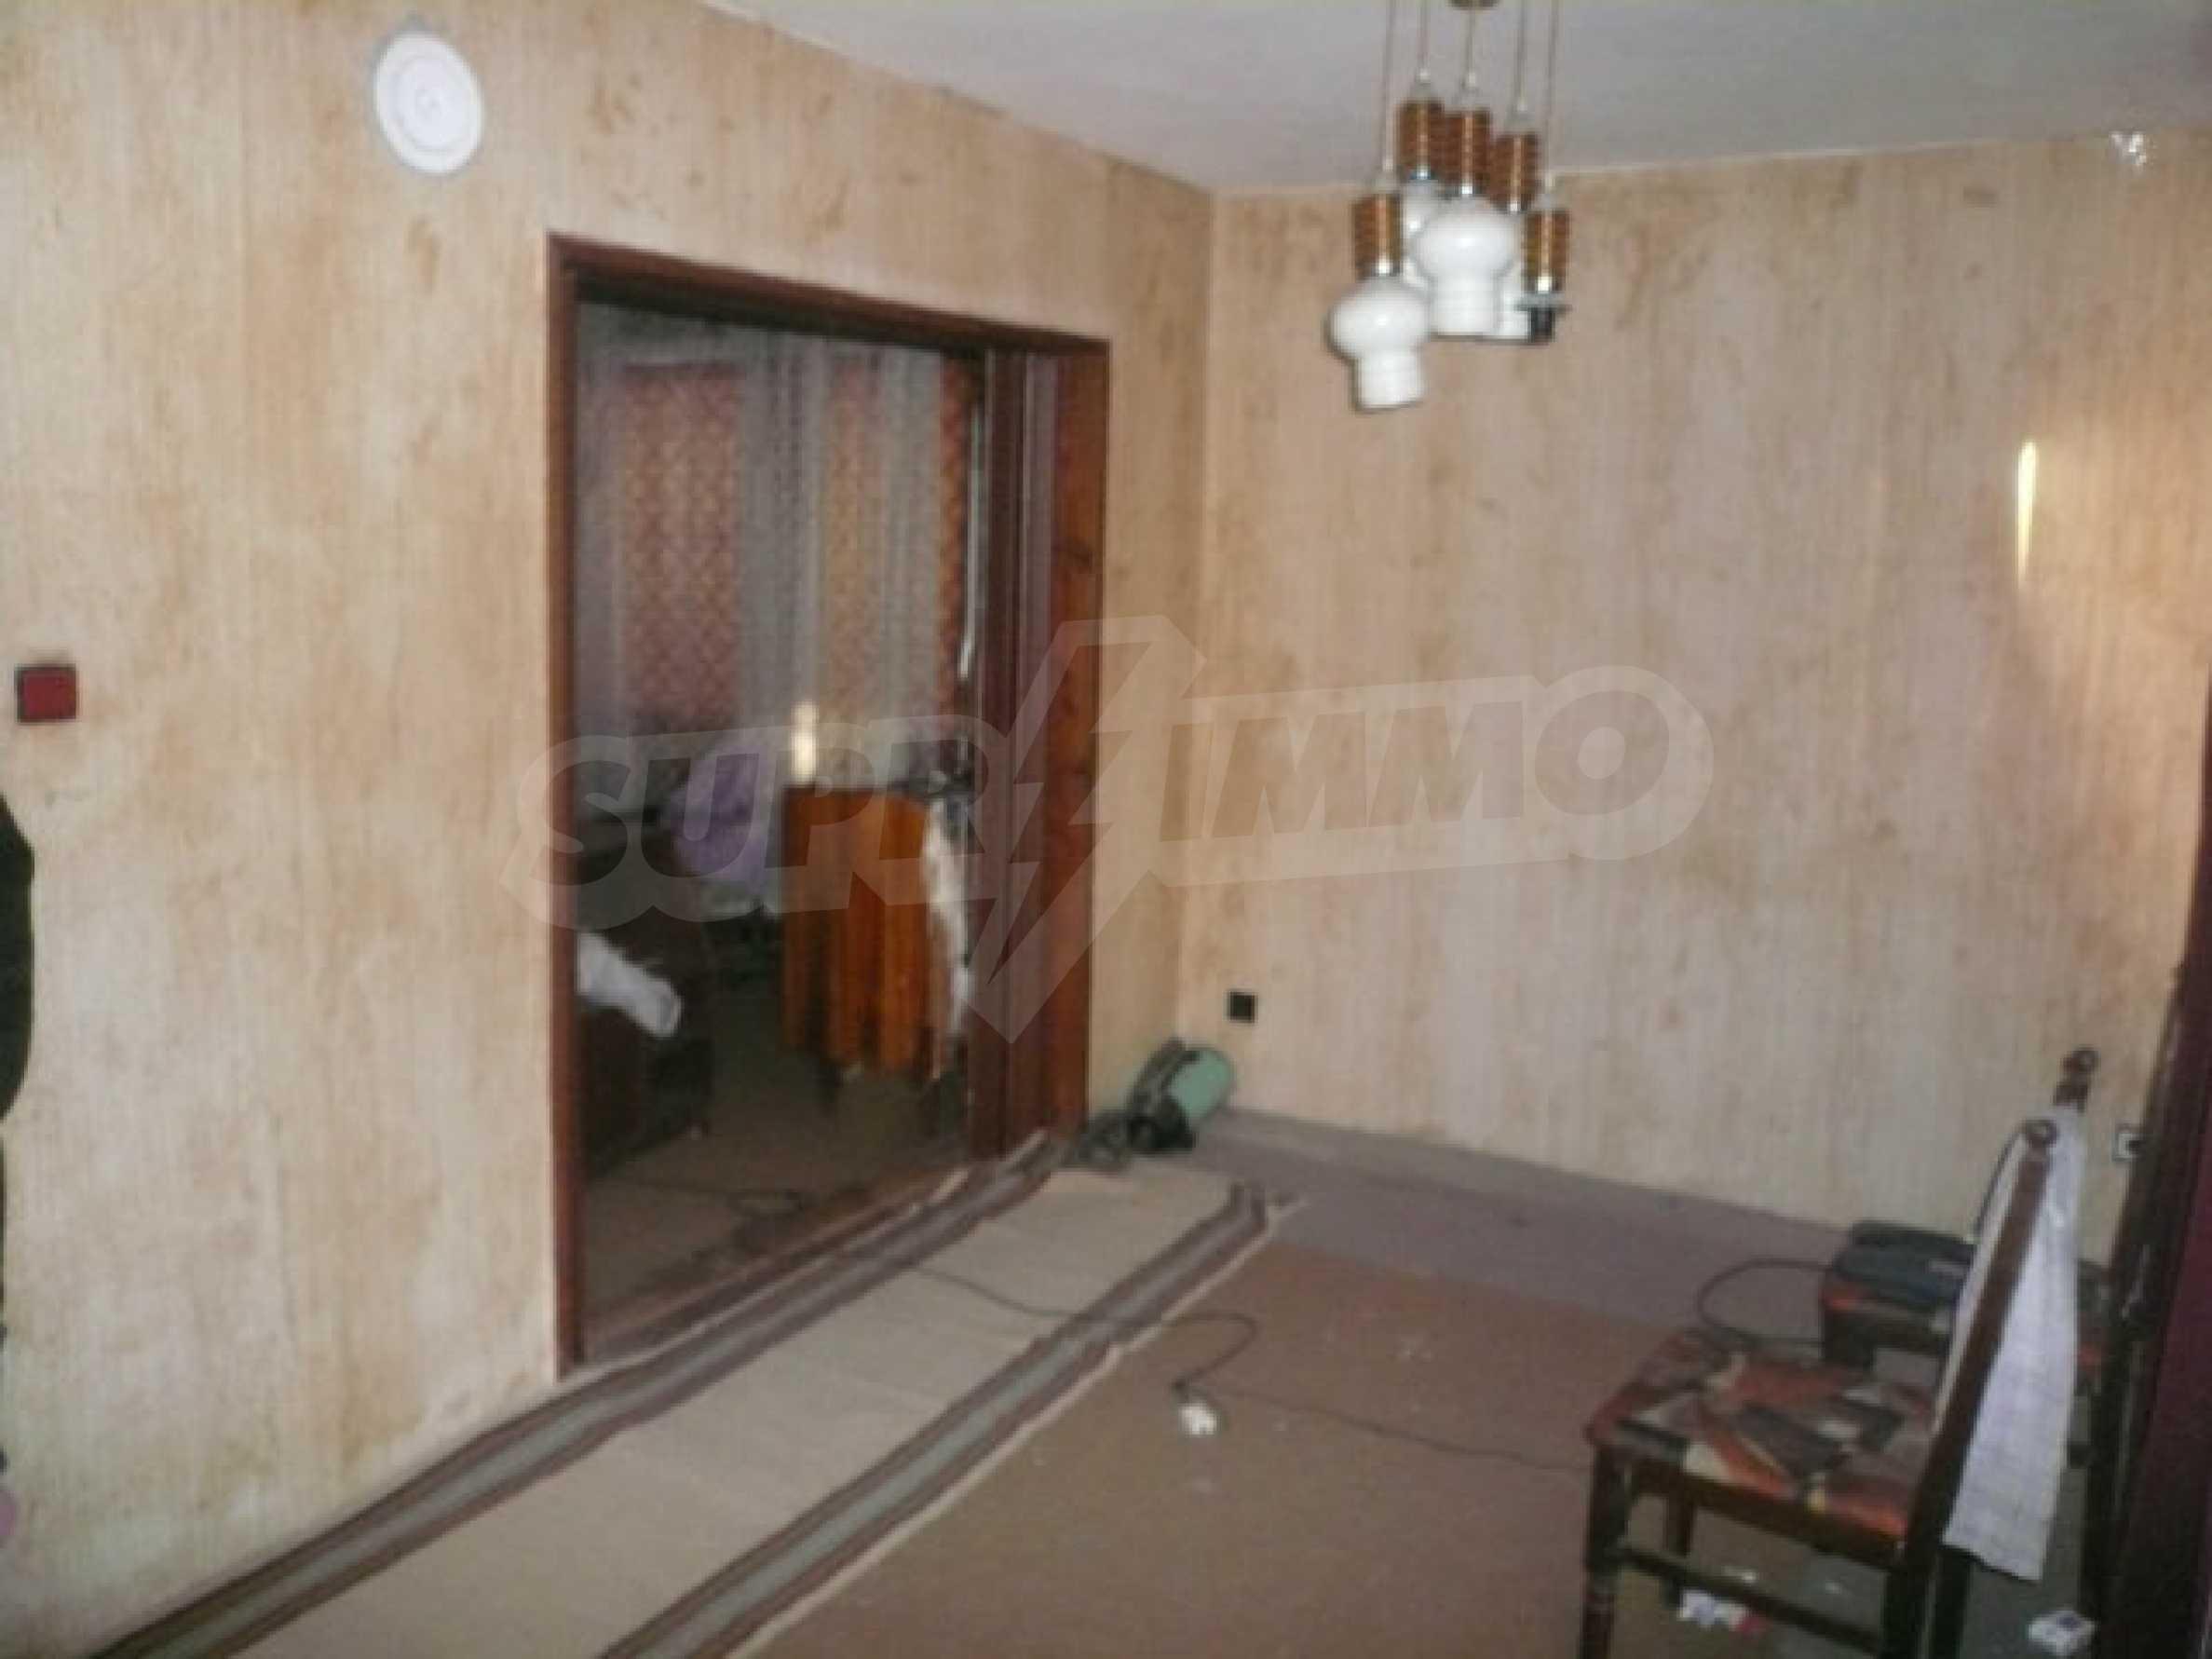 Haus zum Verkauf in der Nähe von Vidin, Bulgarien 13